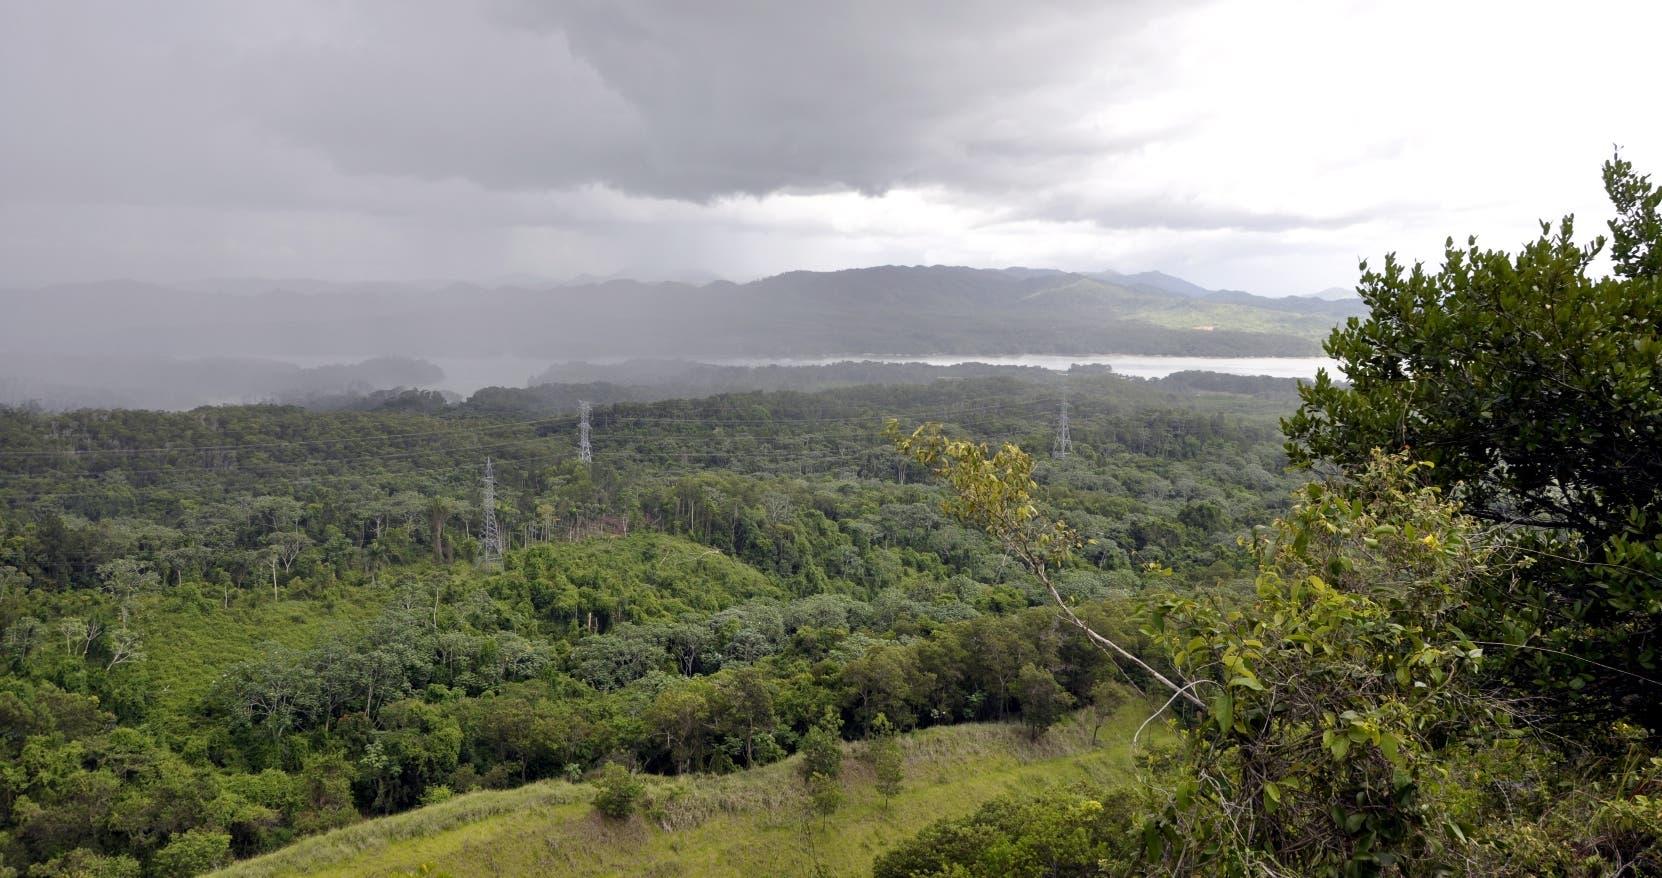 Loma Miranda pertenece  a la cordillera Central,  es un paraíso de especies endémicas, tanto de flora como de fauna .  Archivo